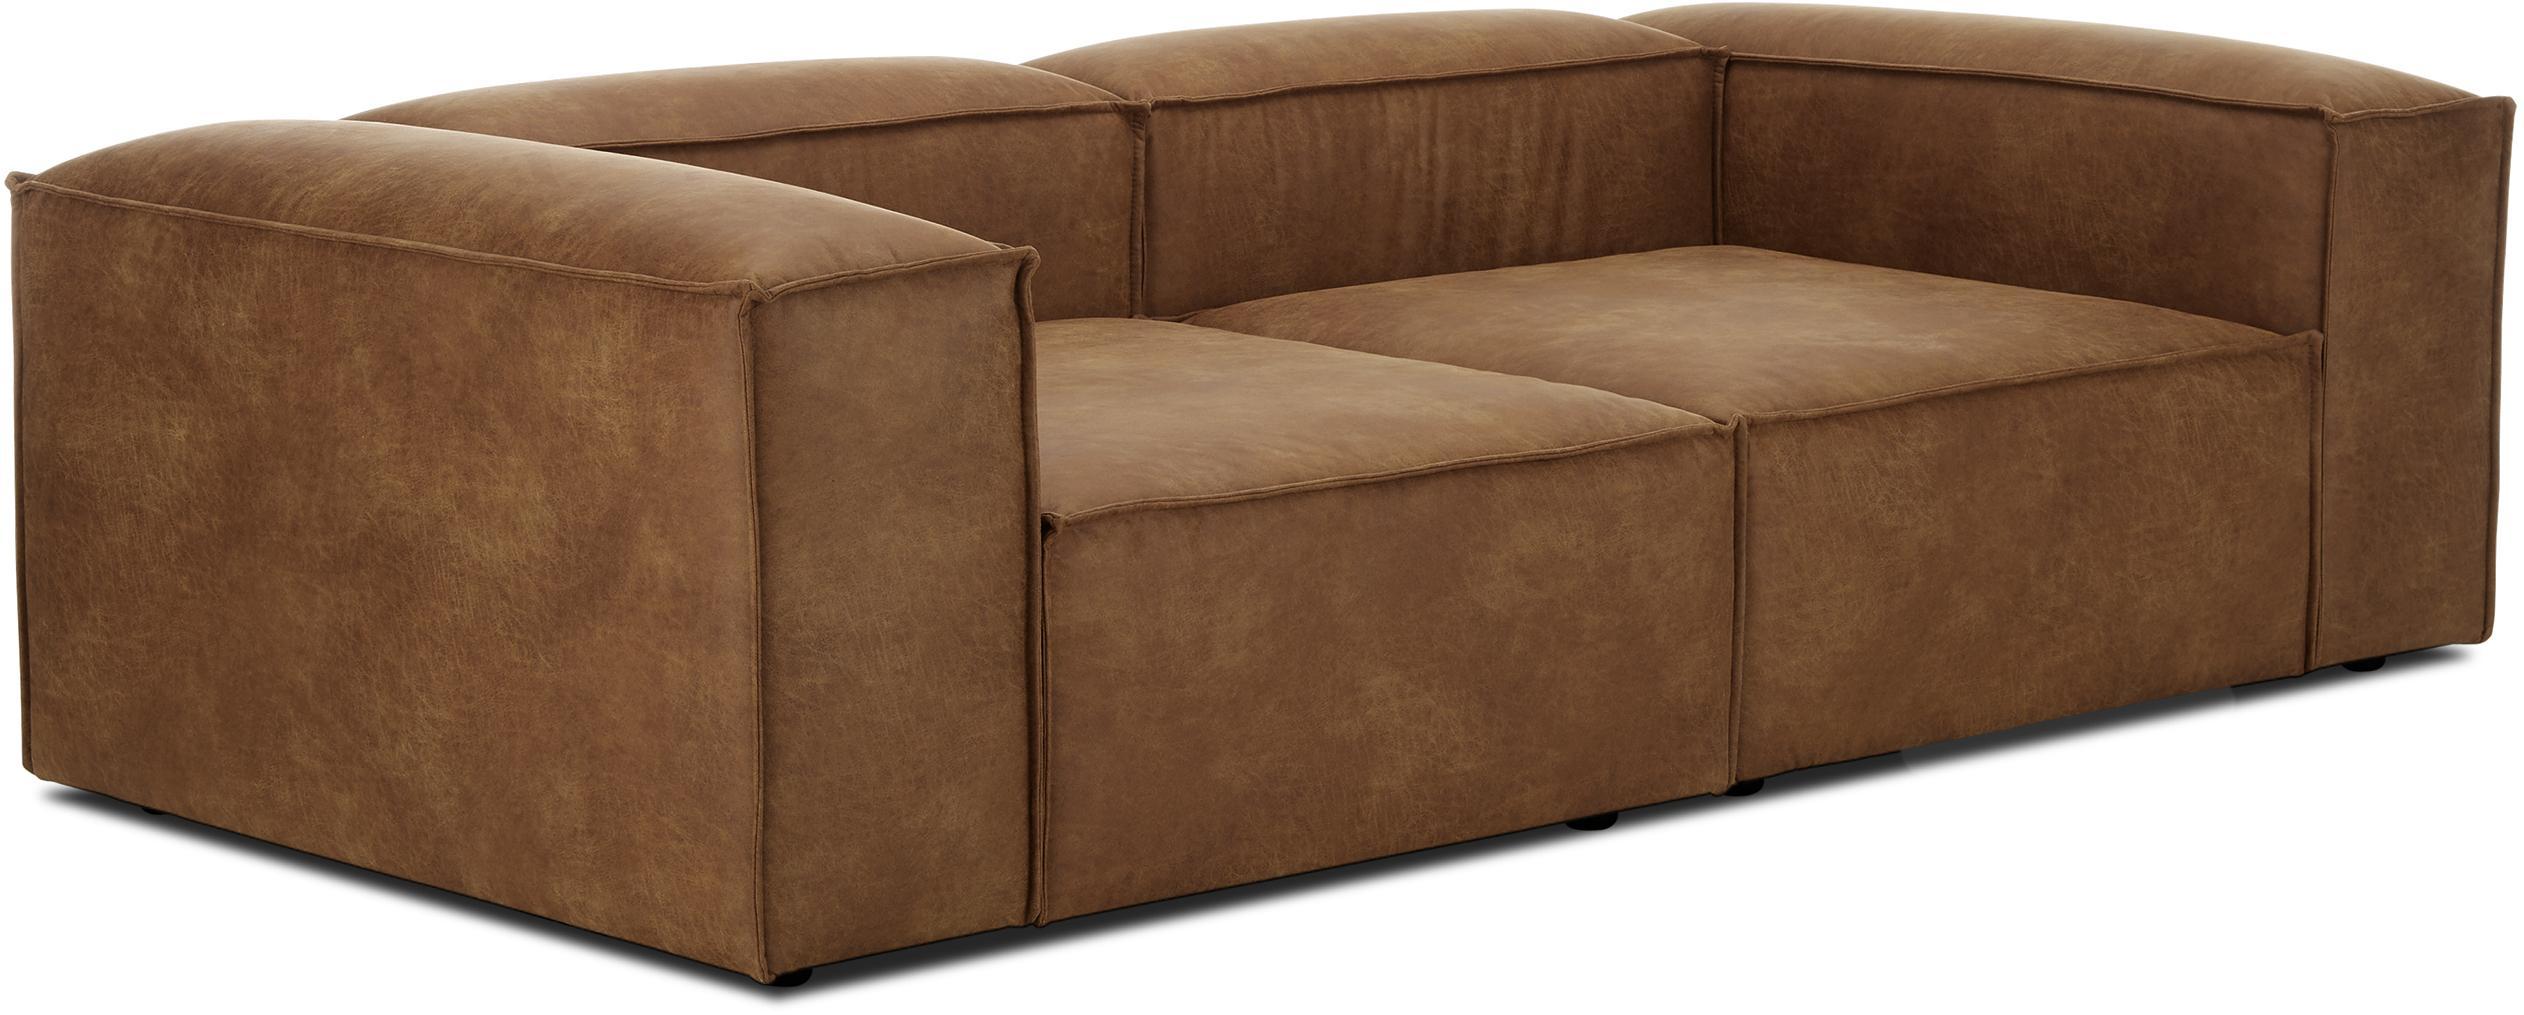 Sofá modular de cuero Lennon (3plazas), Tapizado: 70%cuero, 30%poliéster , Estructura: madera de pino maciza, ma, Patas: plástico, Marrón, An 238 x F 119 cm